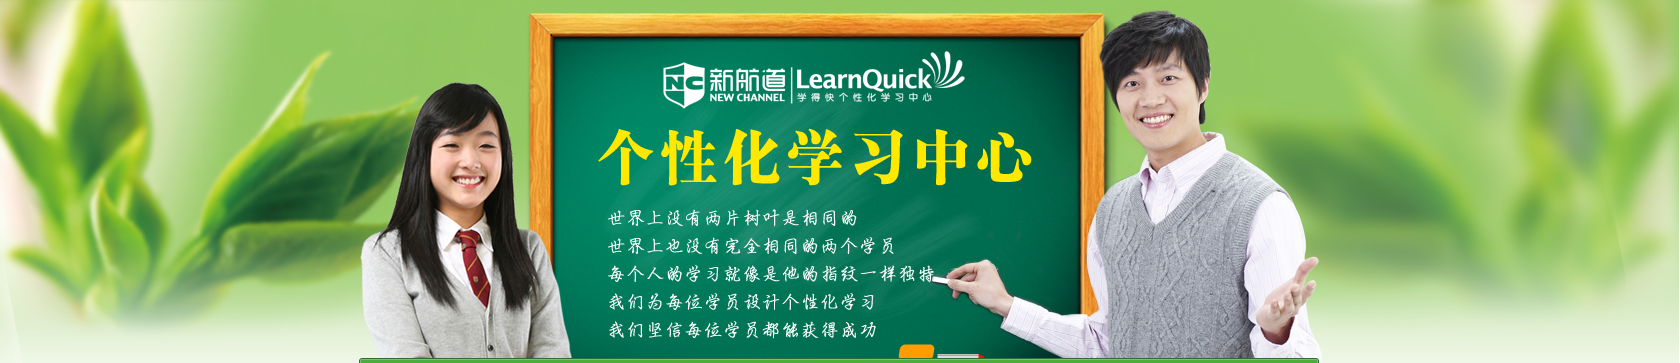 武汉青少司门口新航道英语培训